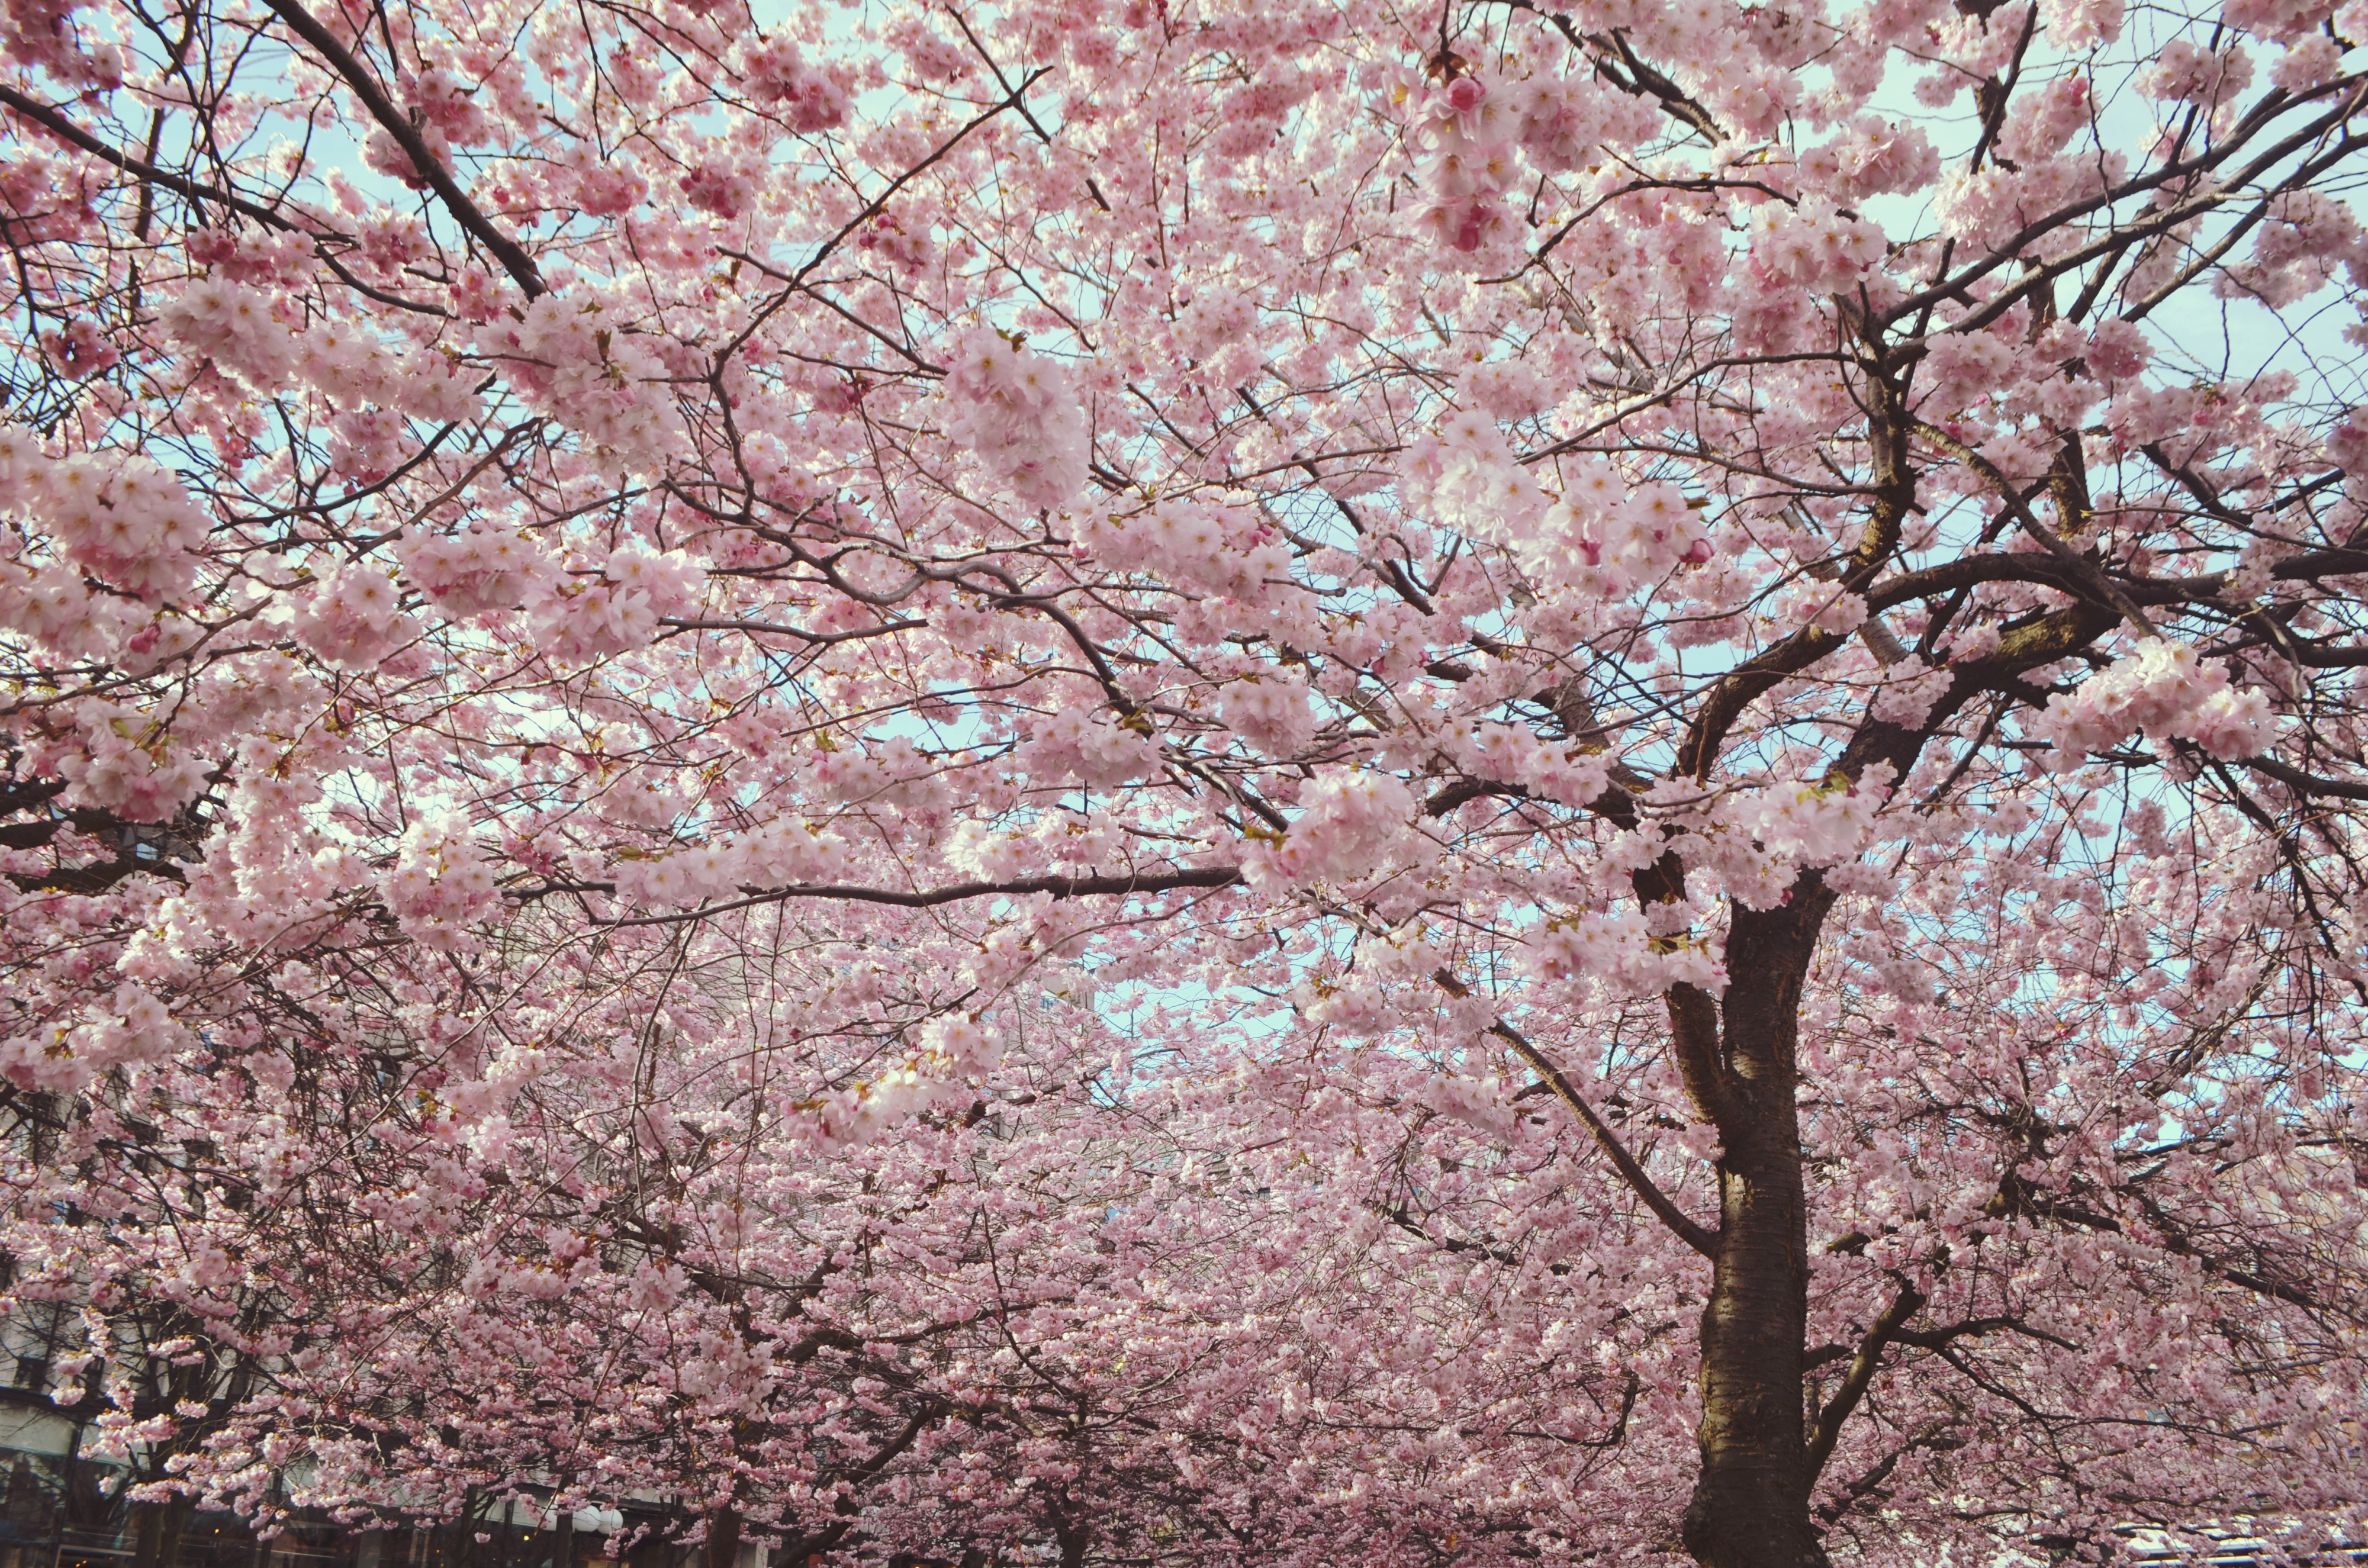 cherry-blossom-stockholm-blog-de-viajes-ChicAdicta-fashionista-ChicAdicta-que-ver-en-estocolmo-PiensaenChic-Piensa-en-Chic